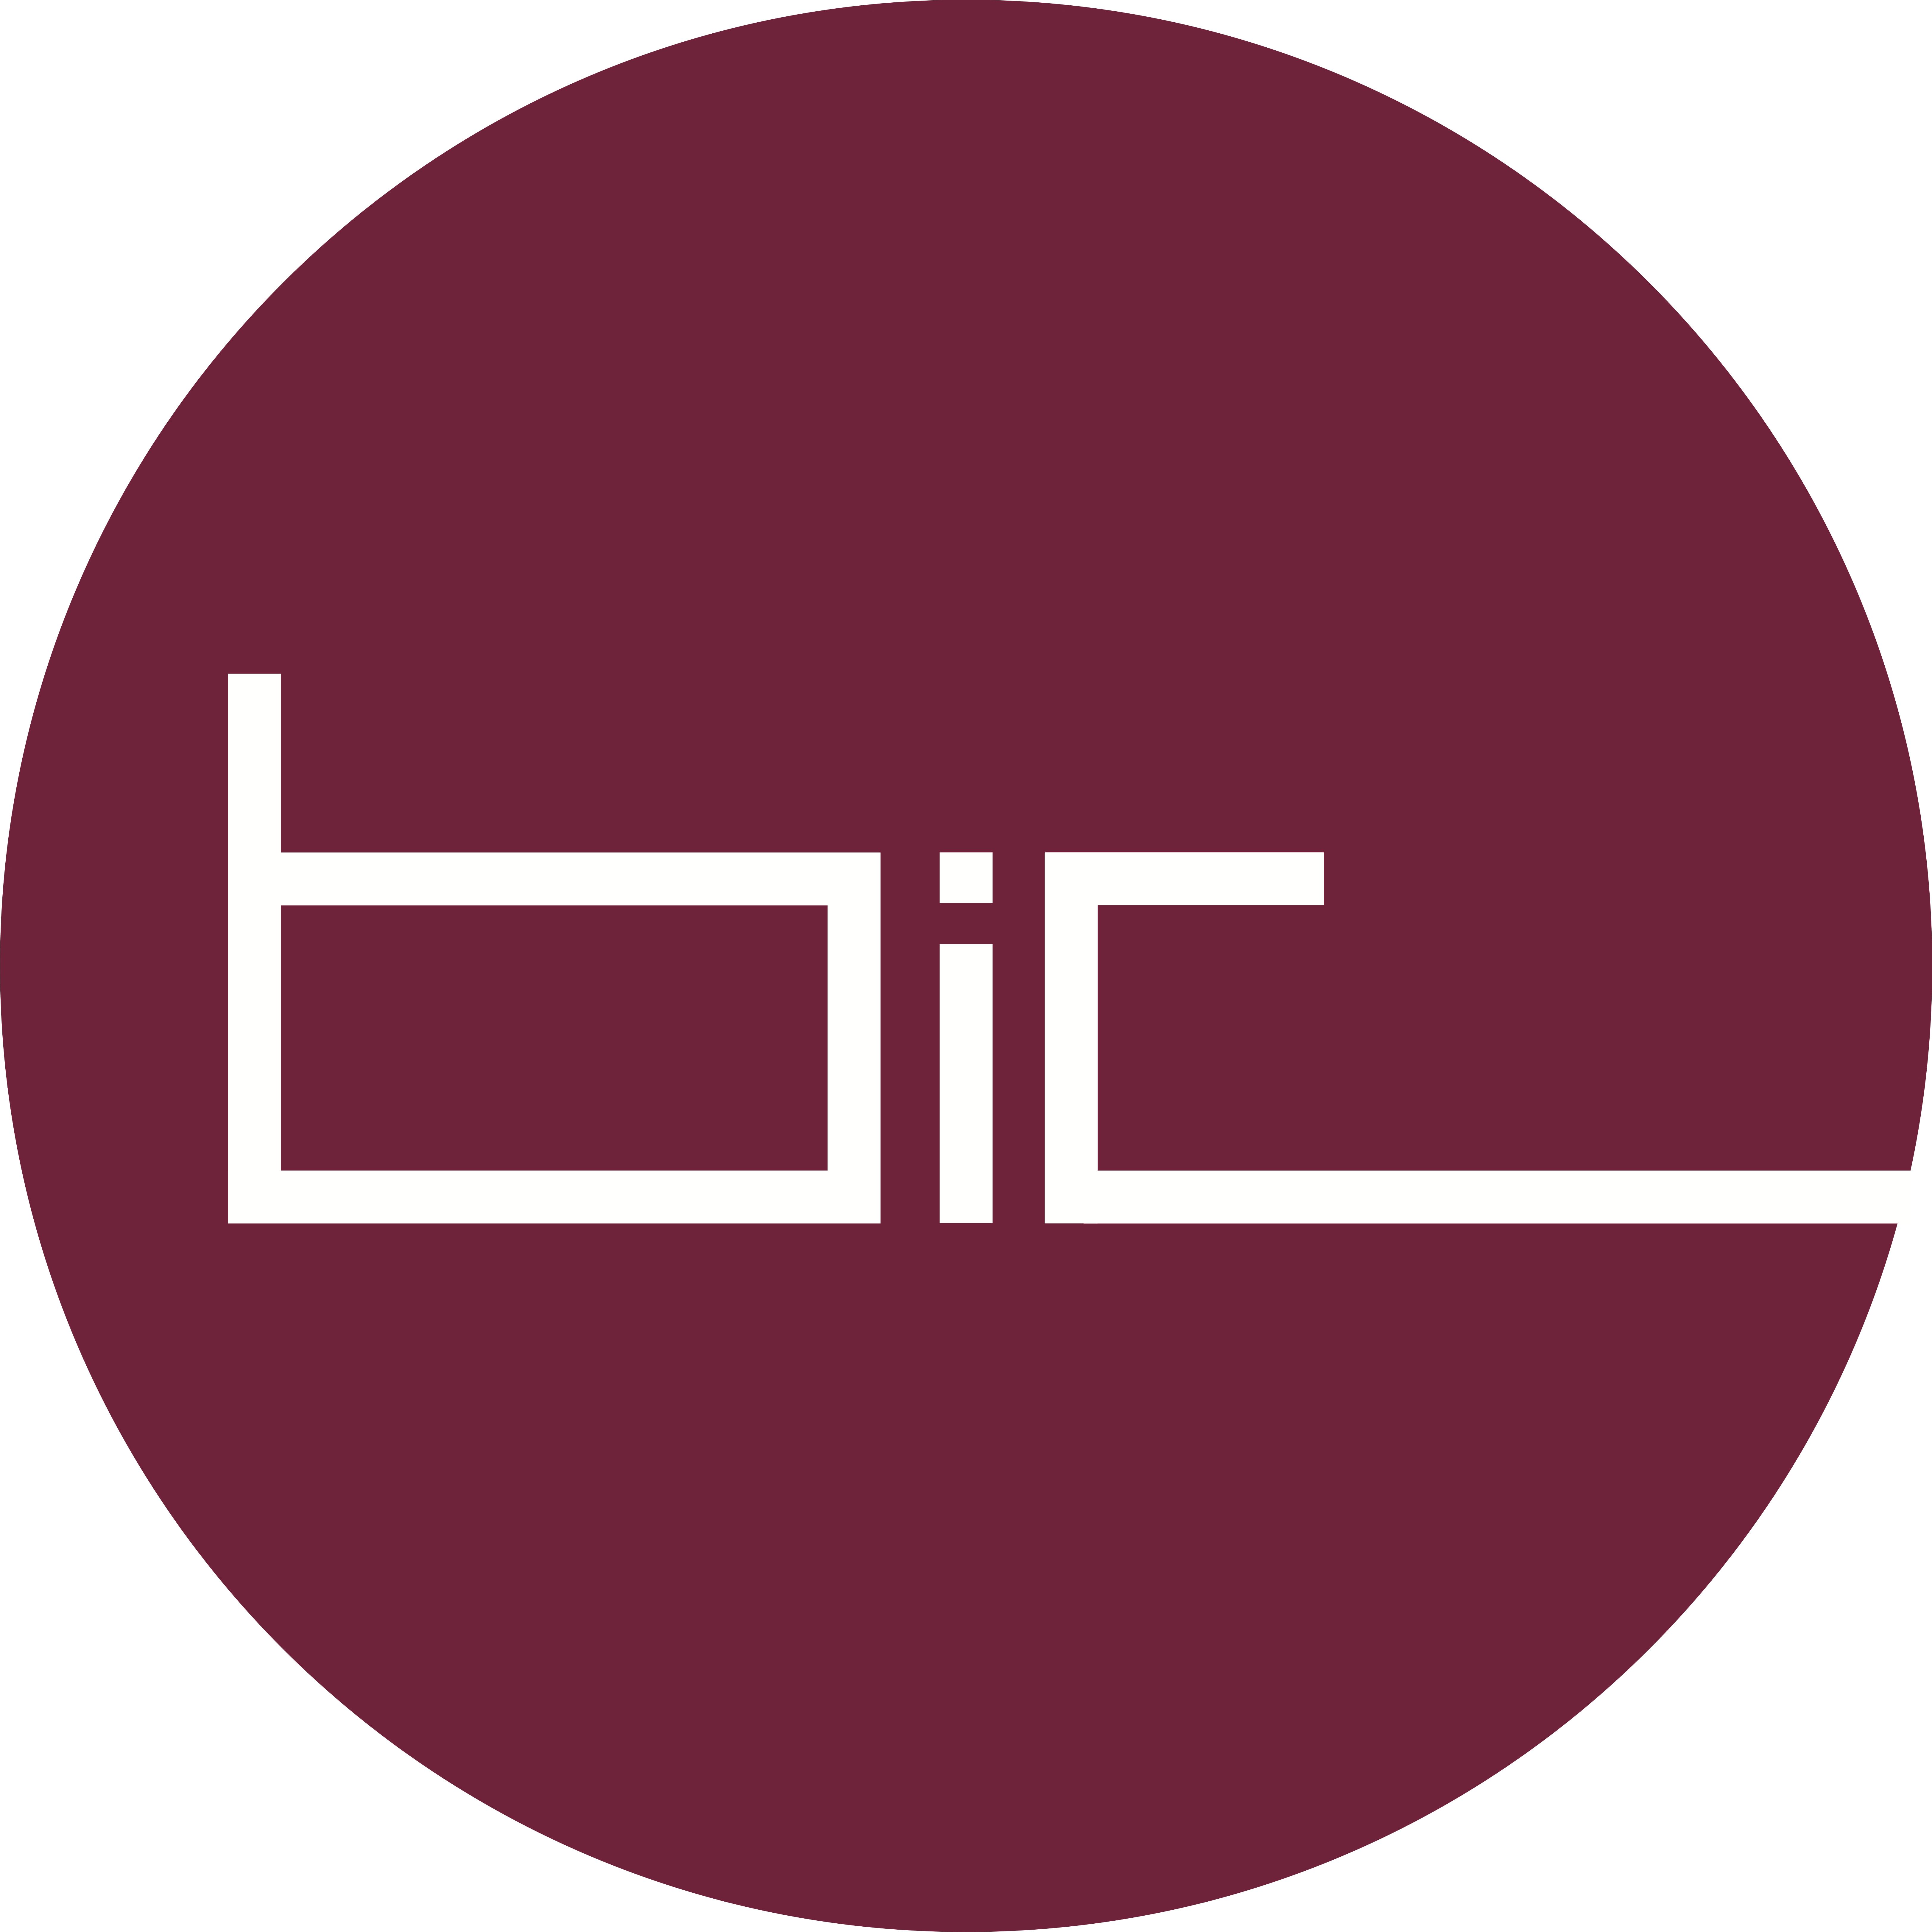 Hier sehen Sie das Logo von Blickpunkt Immobilien Center